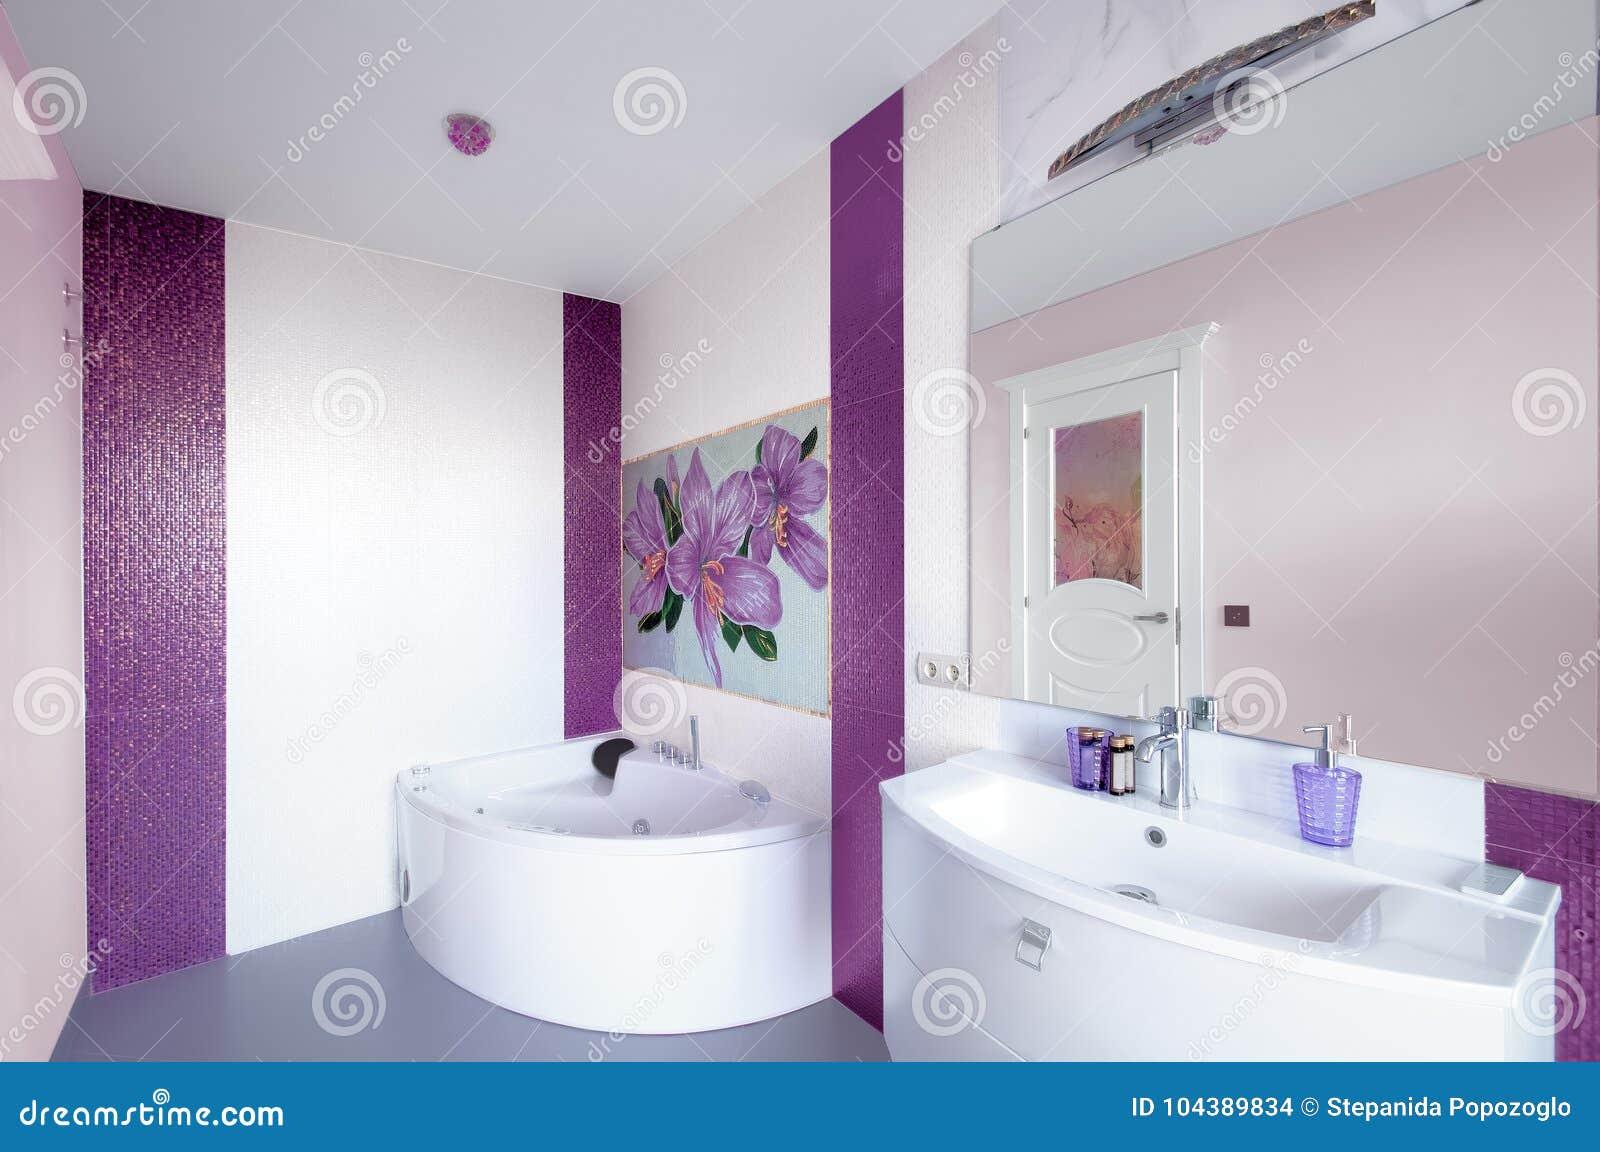 Vasca Da Bagno Con Pannelli : Interno moderno del bagno con un pannello del mosaico agai bianco